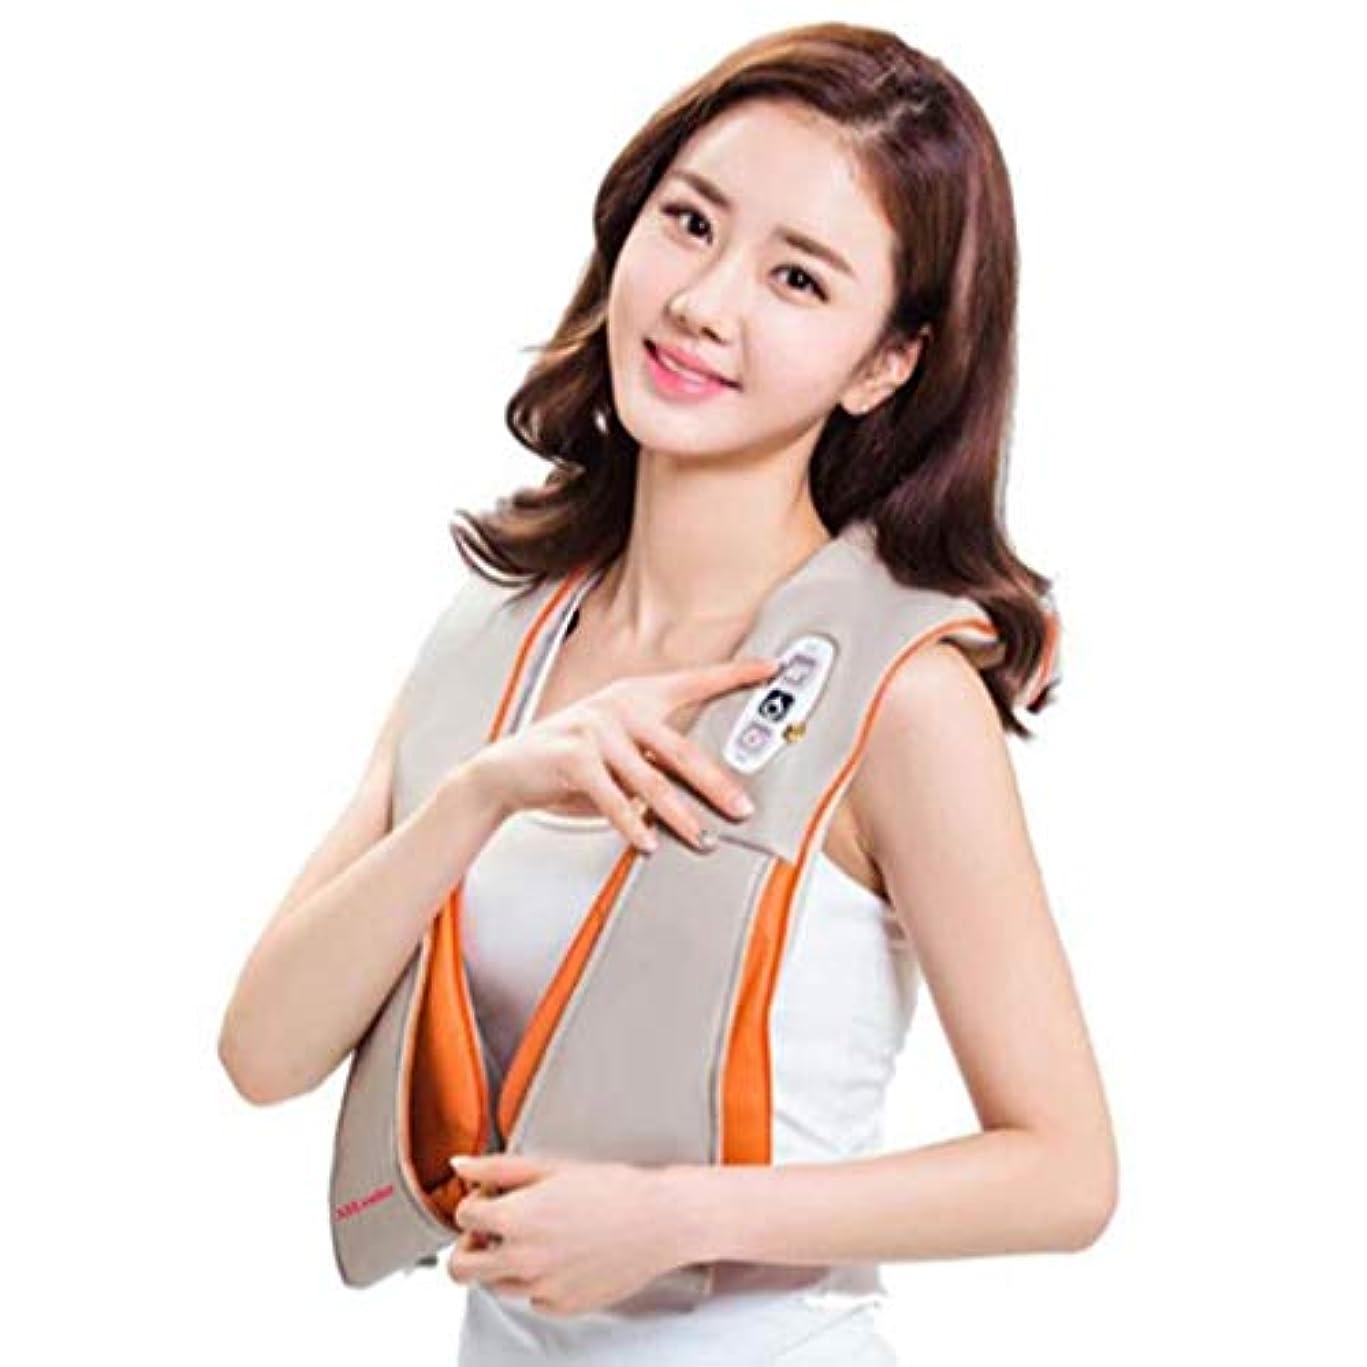 誓いアドバンテージ事実上首のマッサージャー、調節可能な強さのための熱および深いティッシュの混練のマッサージの指圧の肩のマッサージャー、事務車で使用することができます